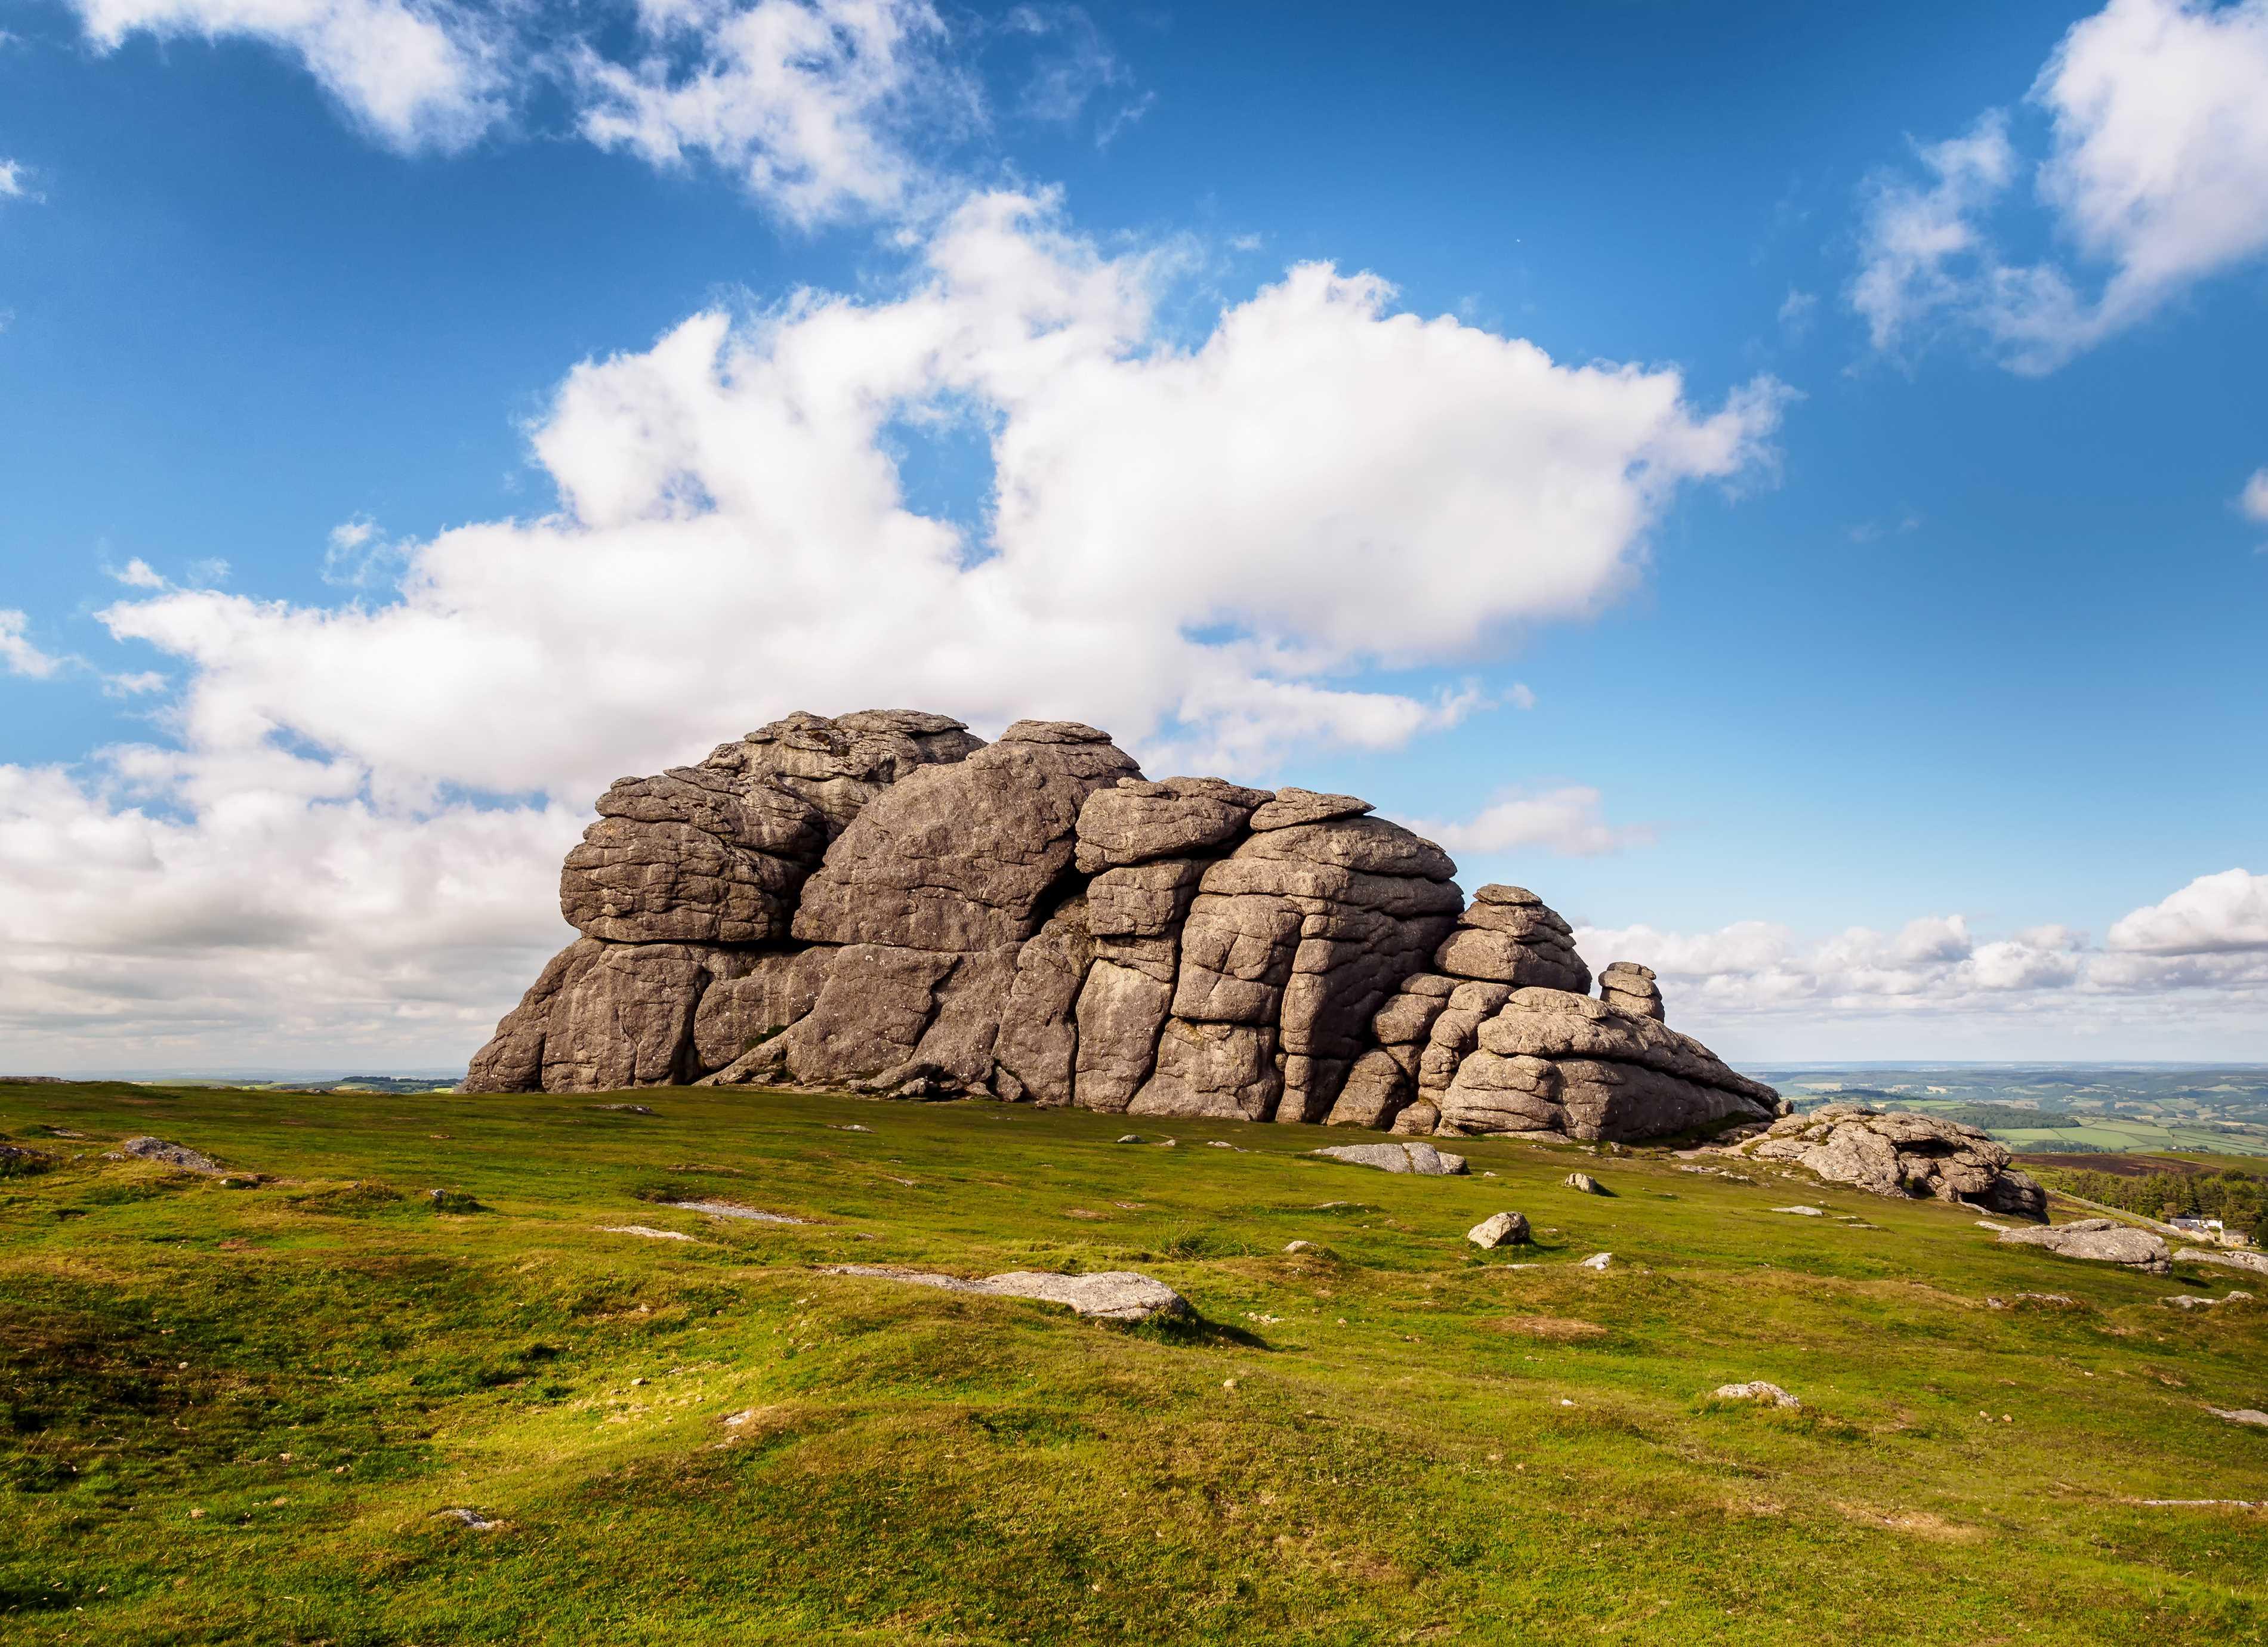 Haytor - One of Dartmoor's most famous beauty spots